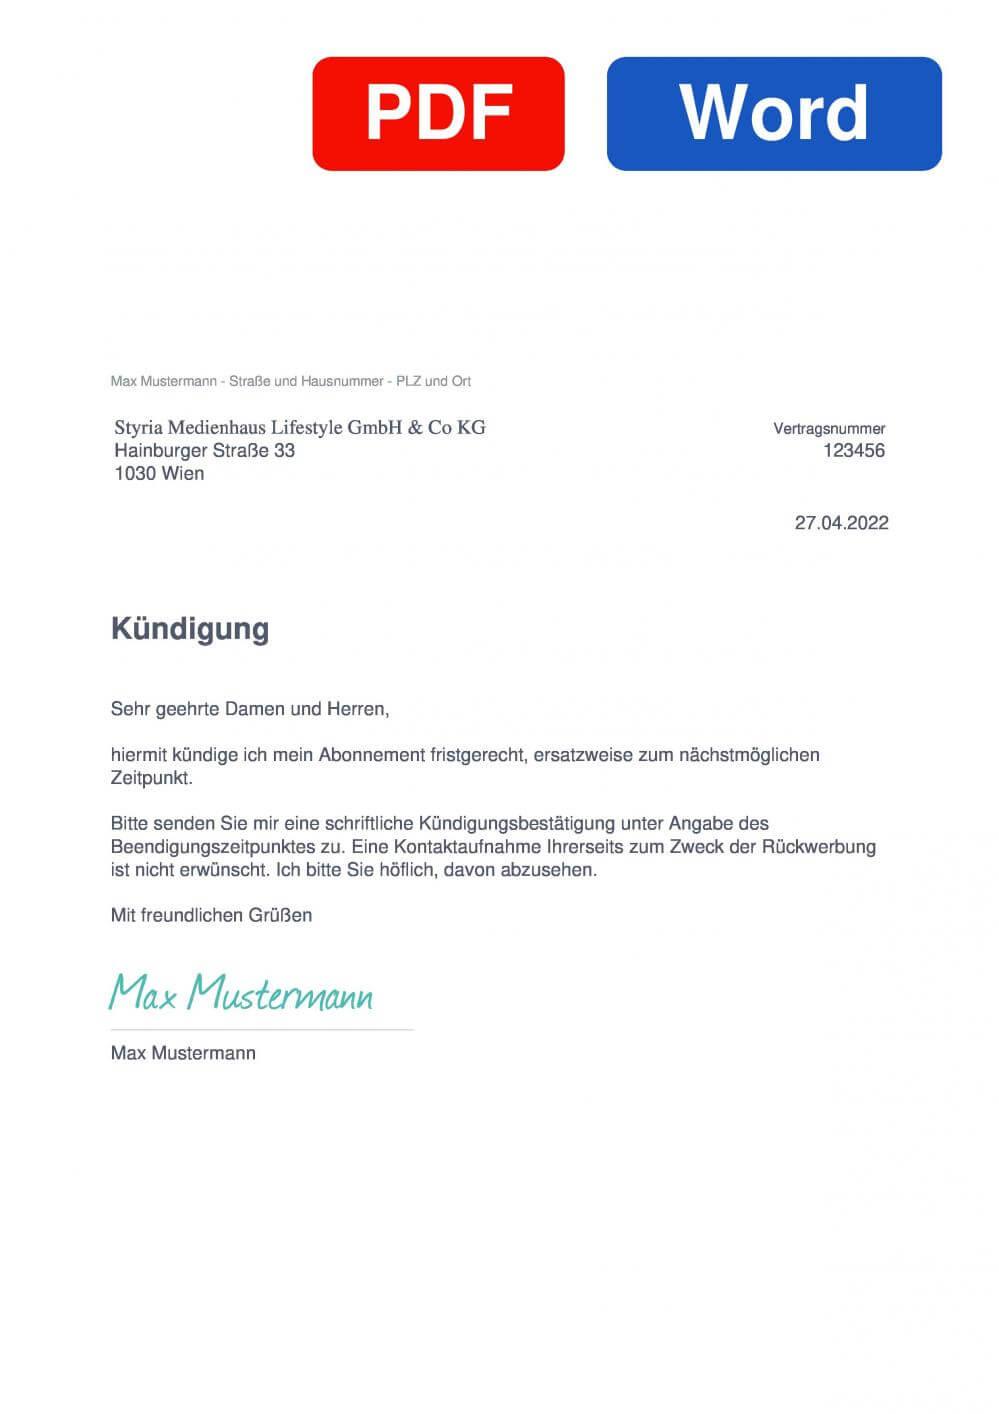 Wienerin Muster Vorlage für Kündigungsschreiben